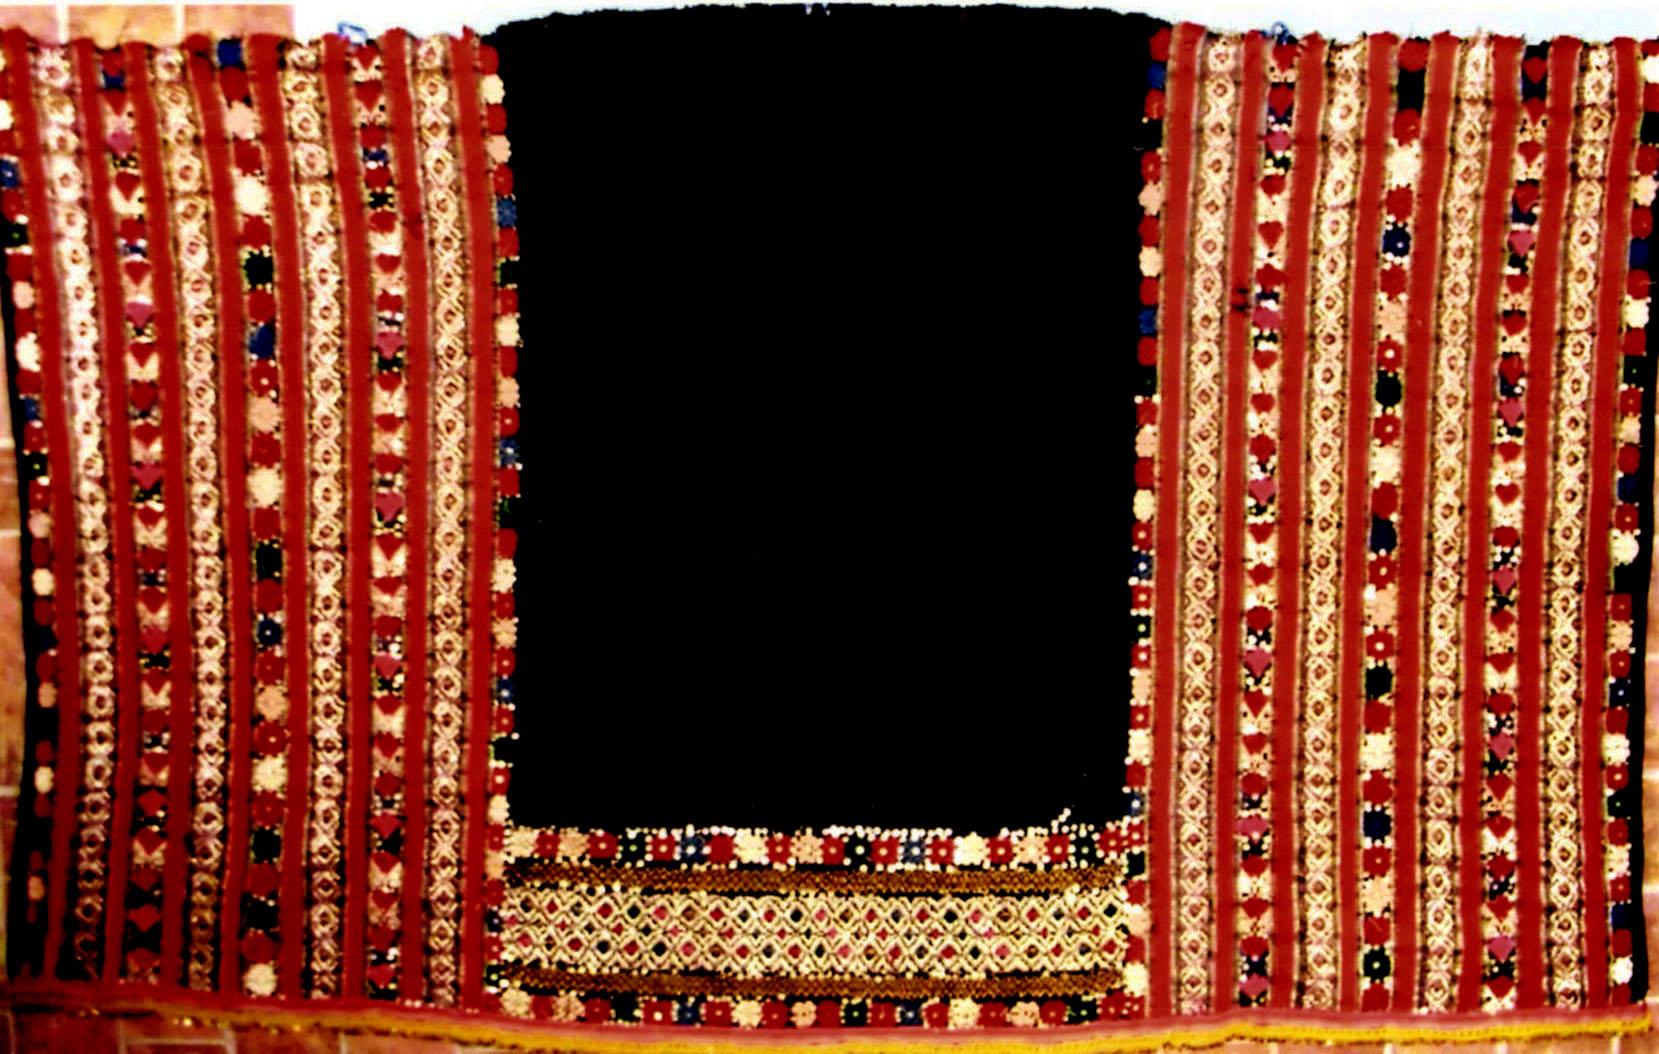 Fotă cu fir - Muzeul Viticulturii şi Pomiculturii - GOLEŞTI (Patrimoniul Cultural National Mobil din Romania. Ordin de clasare: 2879/04.09.2019 - Tezaur)